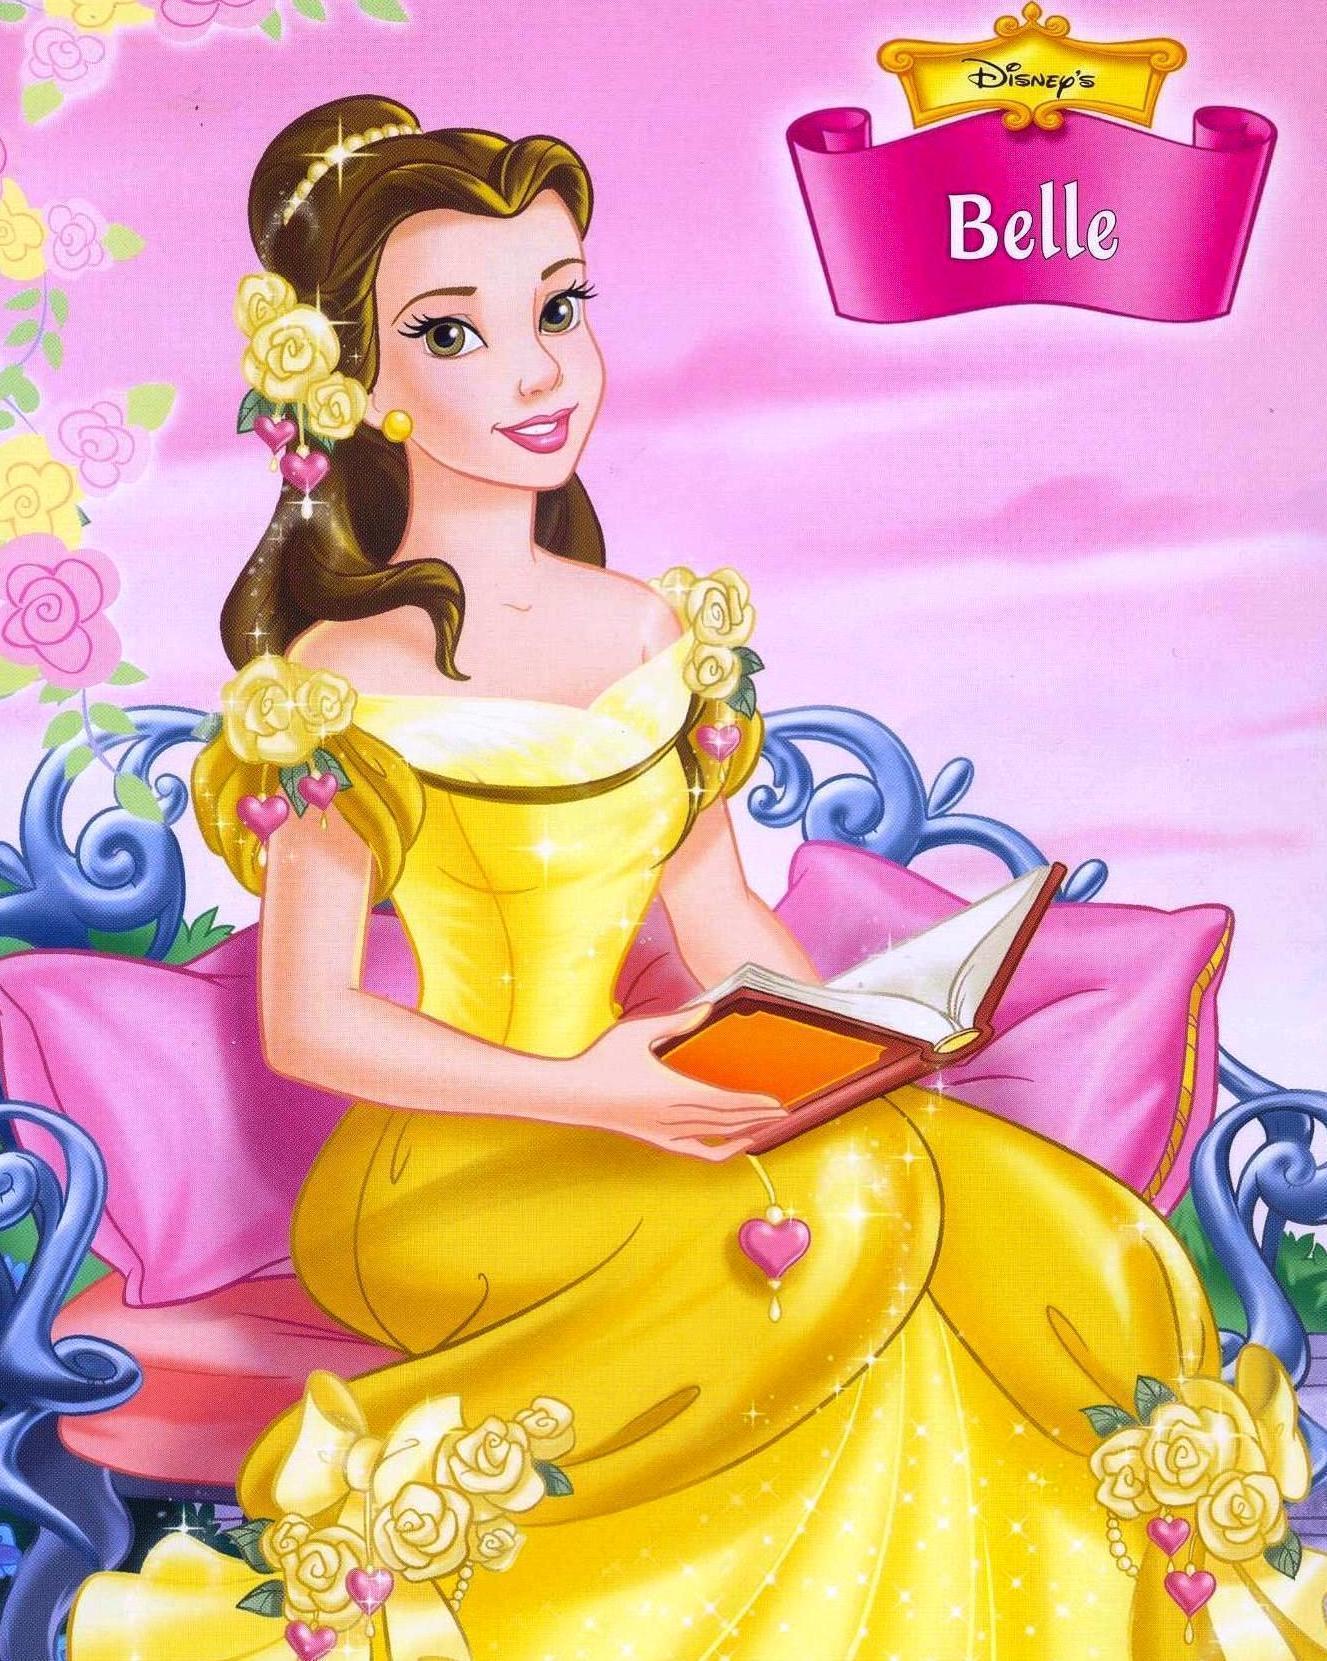 Dessins en couleurs imprimer la belle et le clochard - Images princesse ...